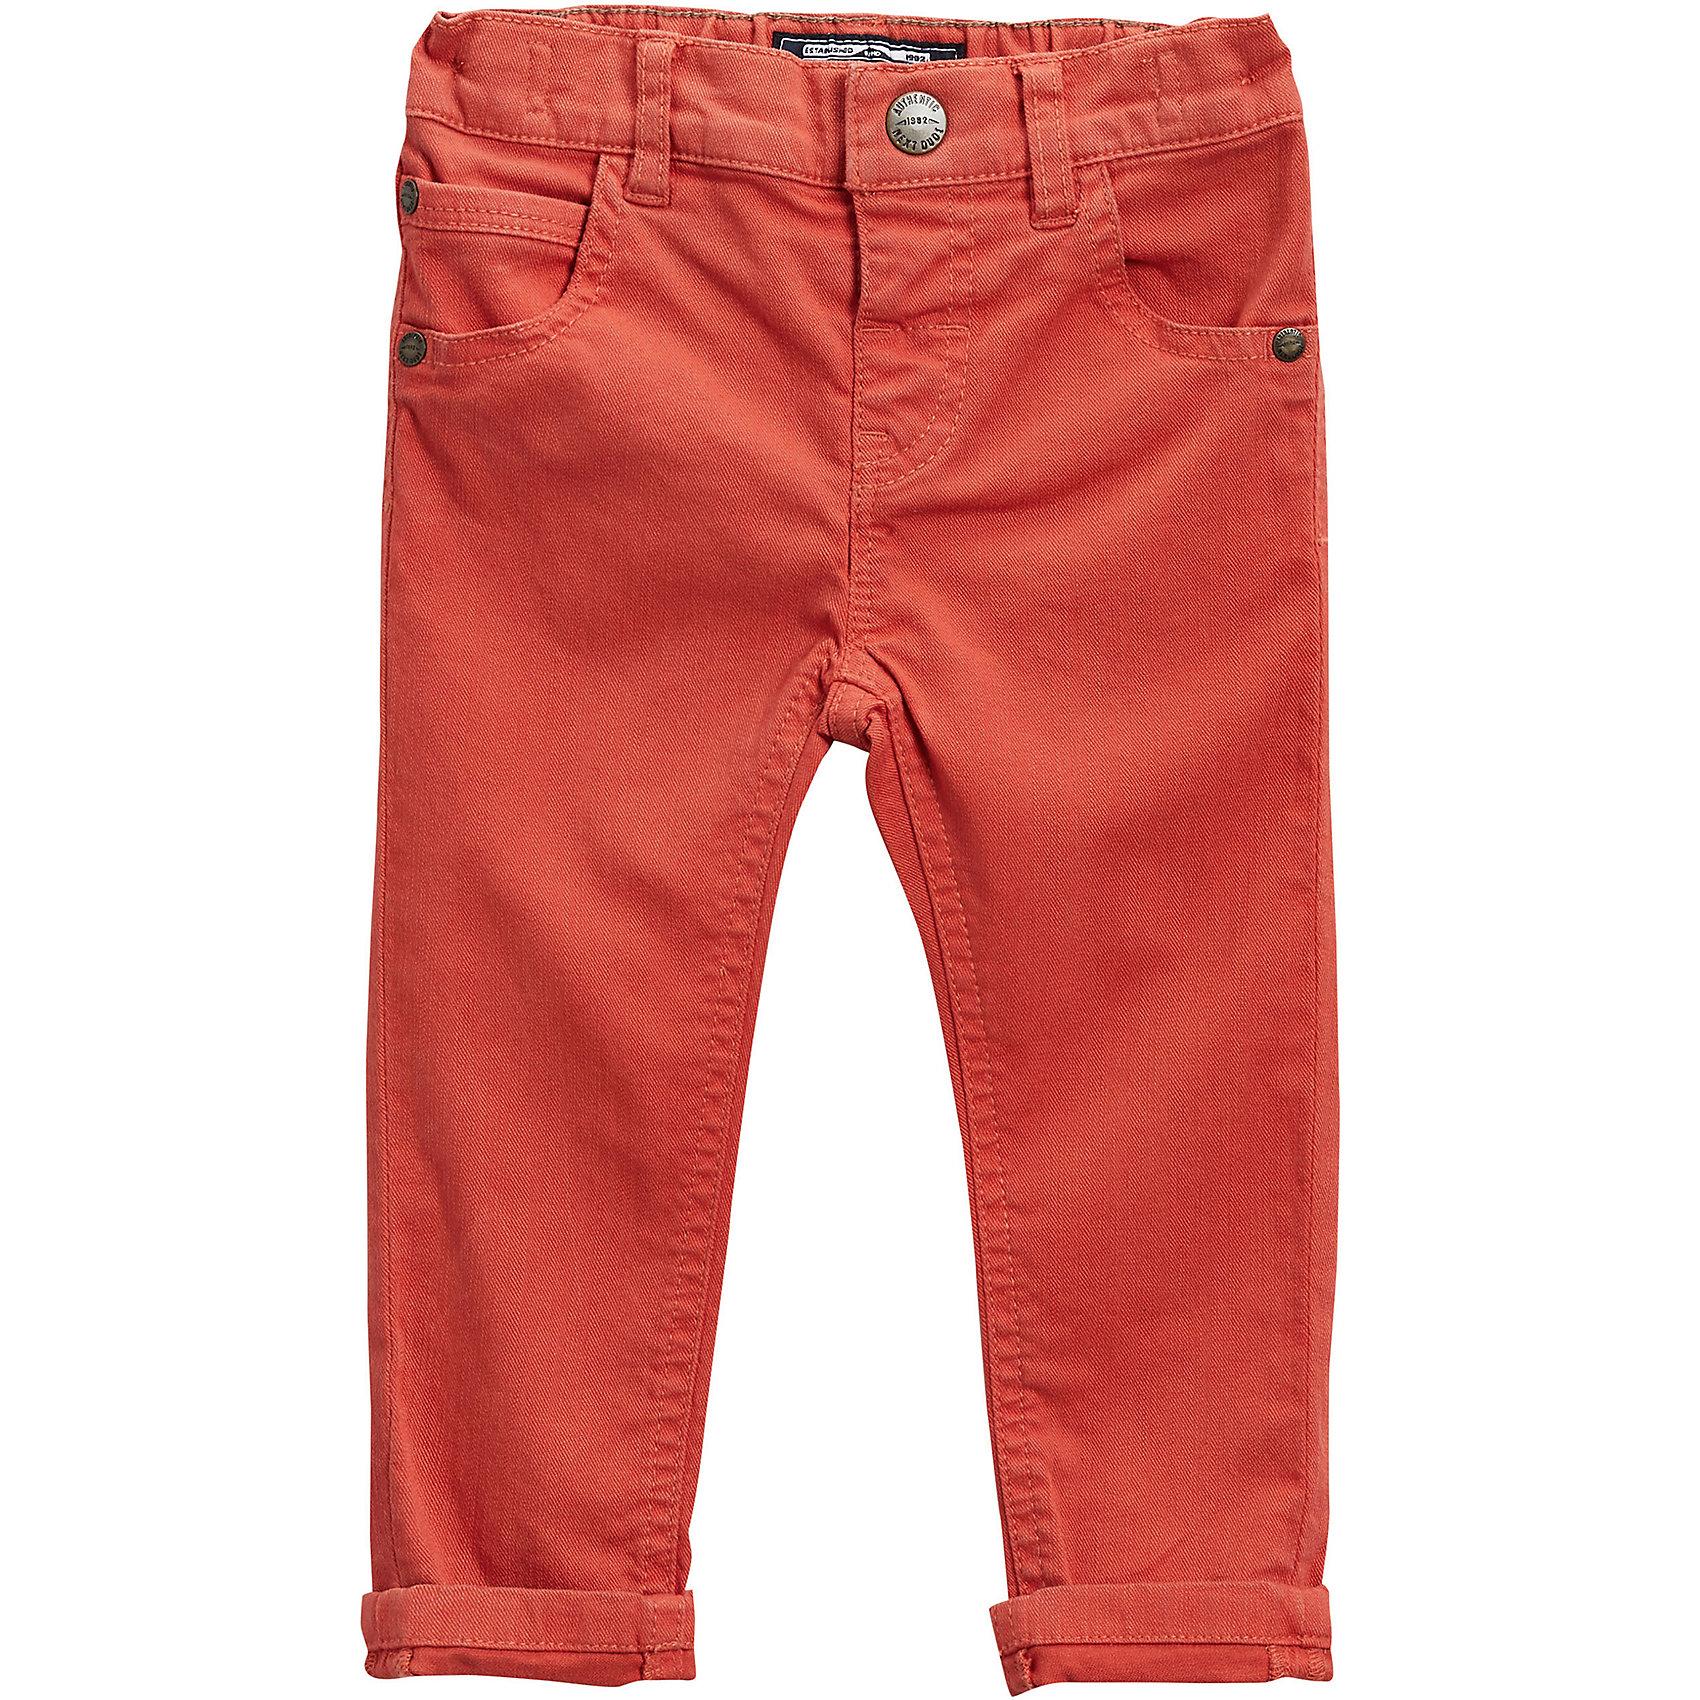 Neu next Jeans aus Stretch Twill Slim Fit für Jungen 7794793 für Jungen